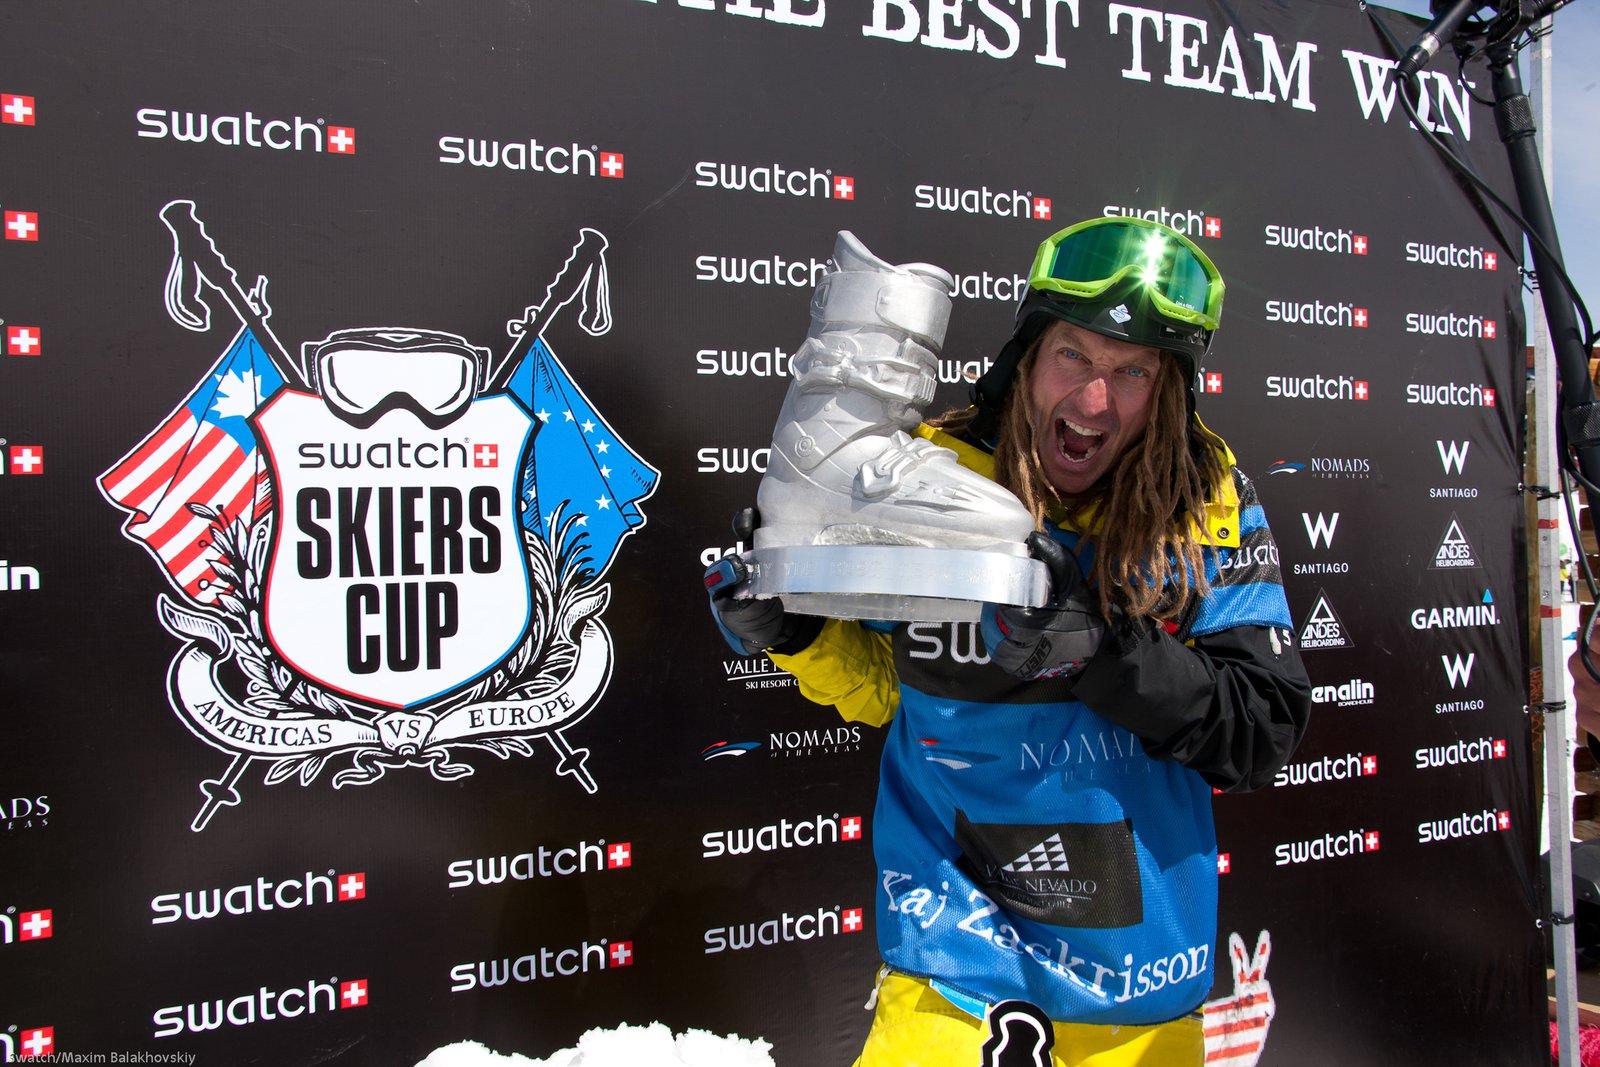 Kaj Zackrisson with the Swatch Skiers Cup